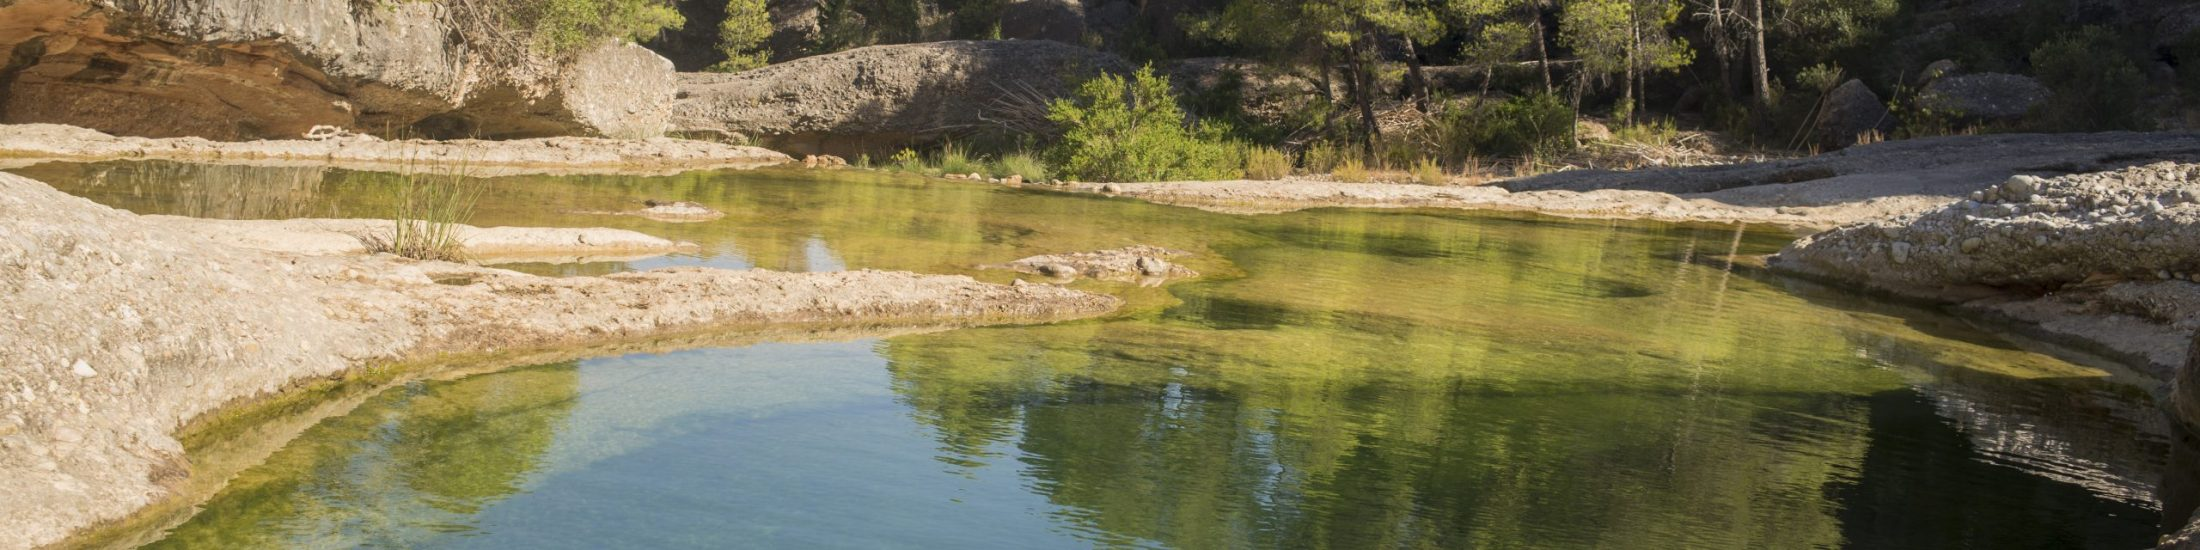 Zonas de baño en el Matarraña y la Terra Alta